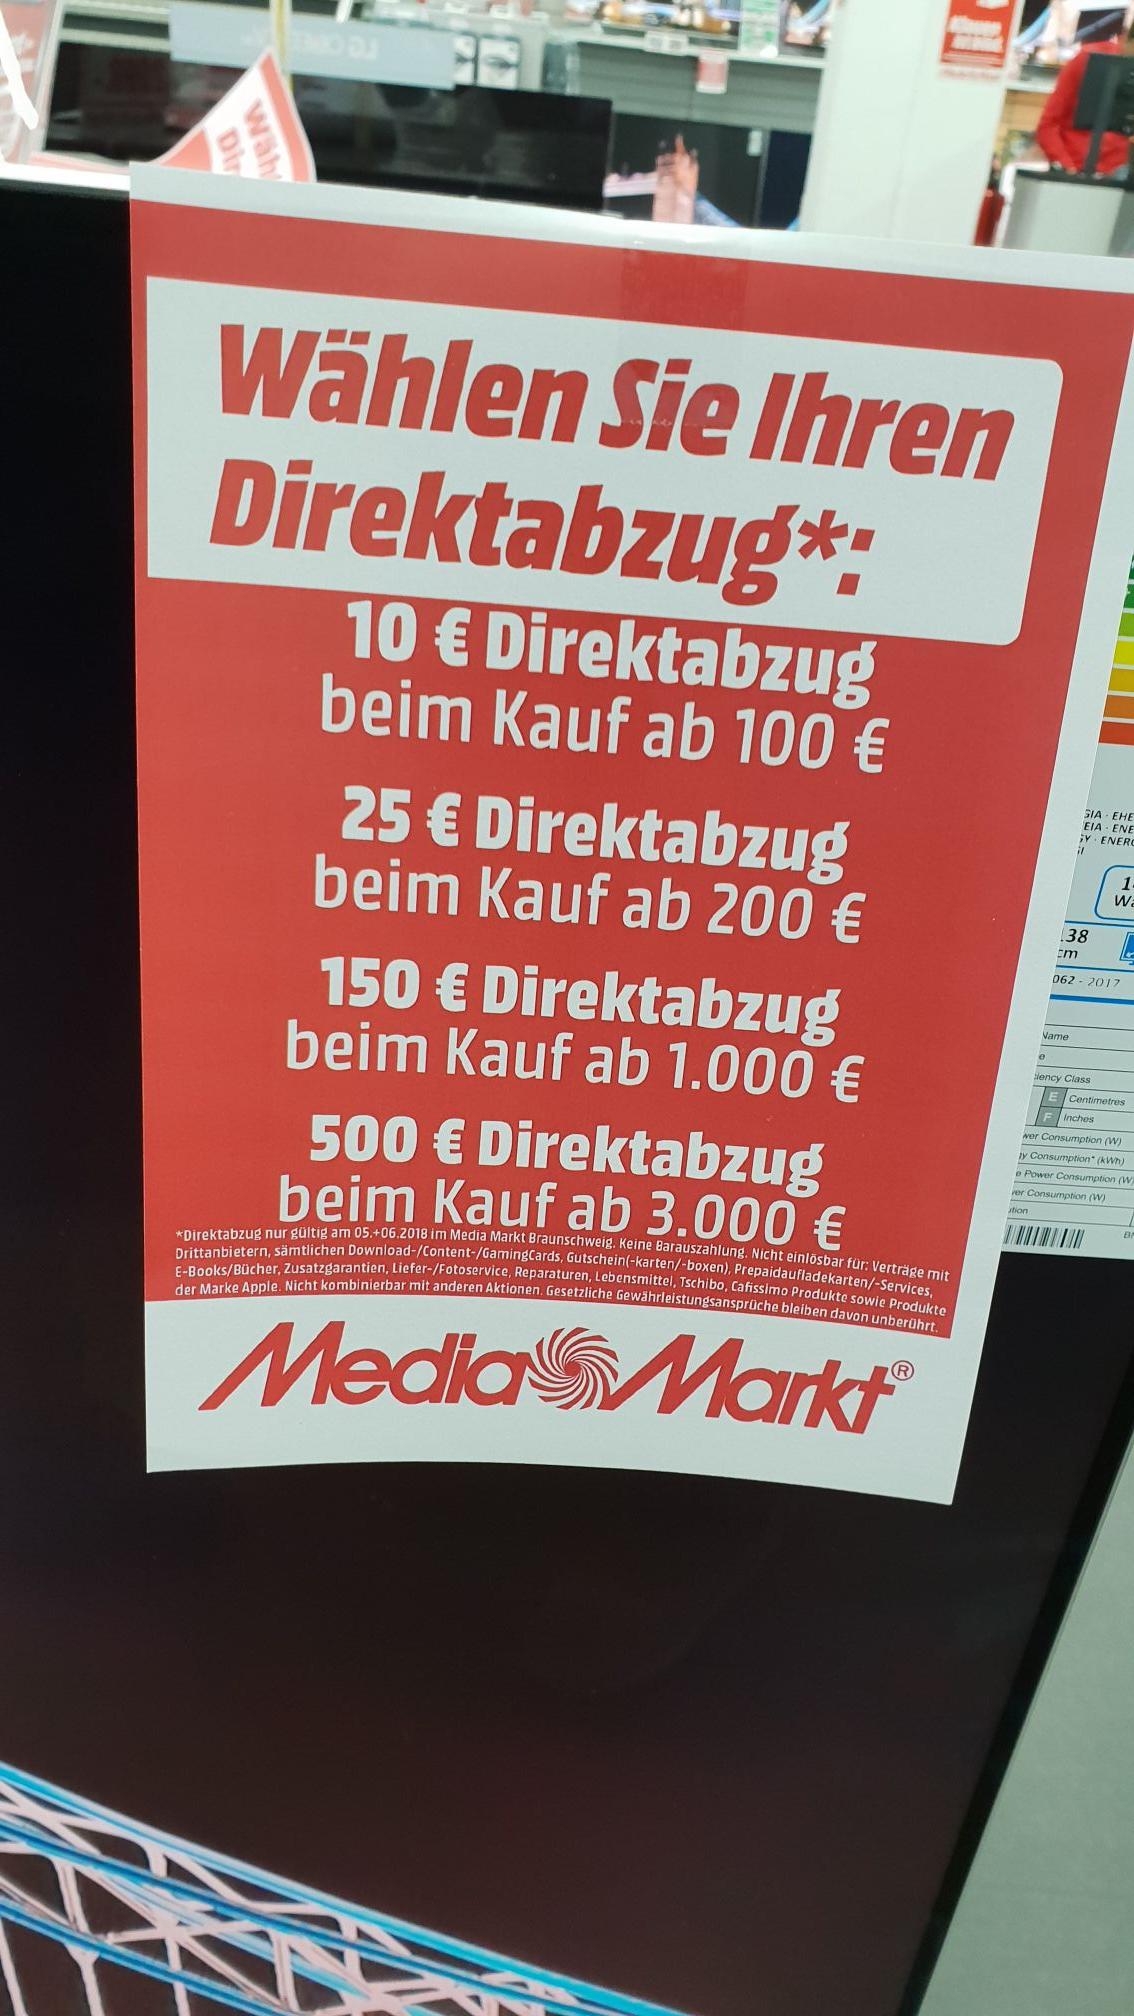 Mediamarkt Braunschweig Direktabzug Aktion